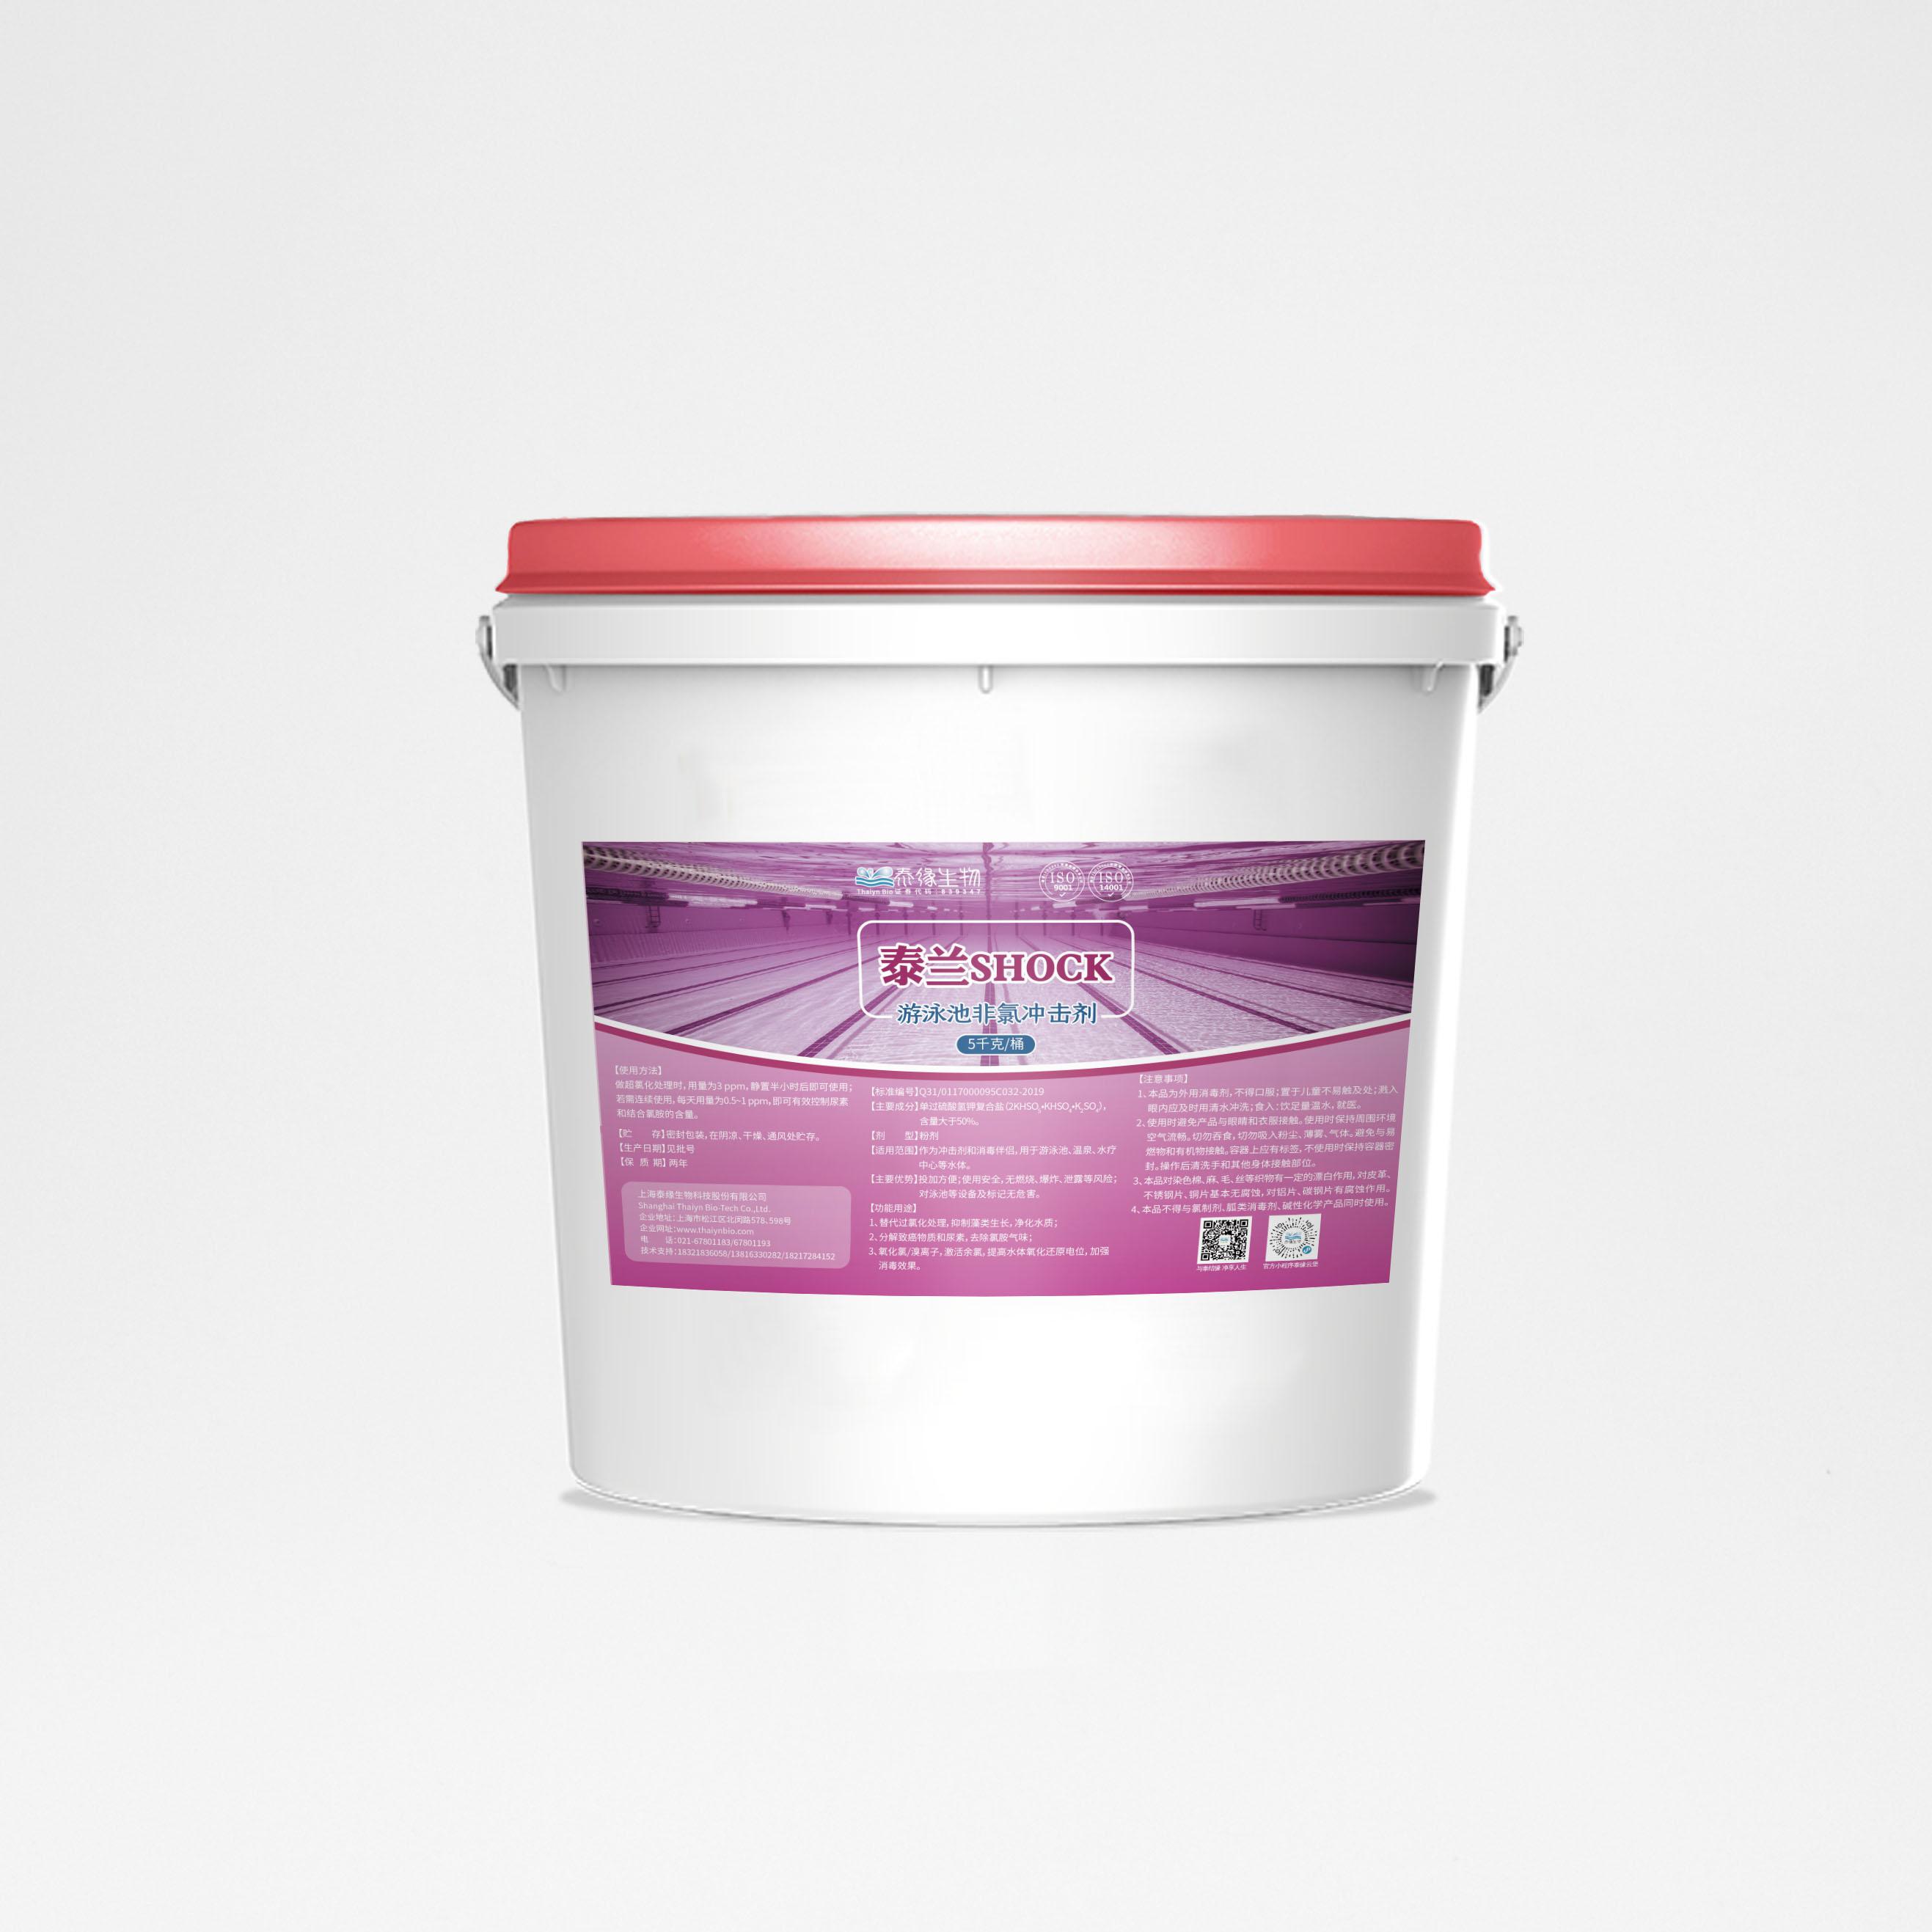 泰兰shock-泳池-桶贴.jpg